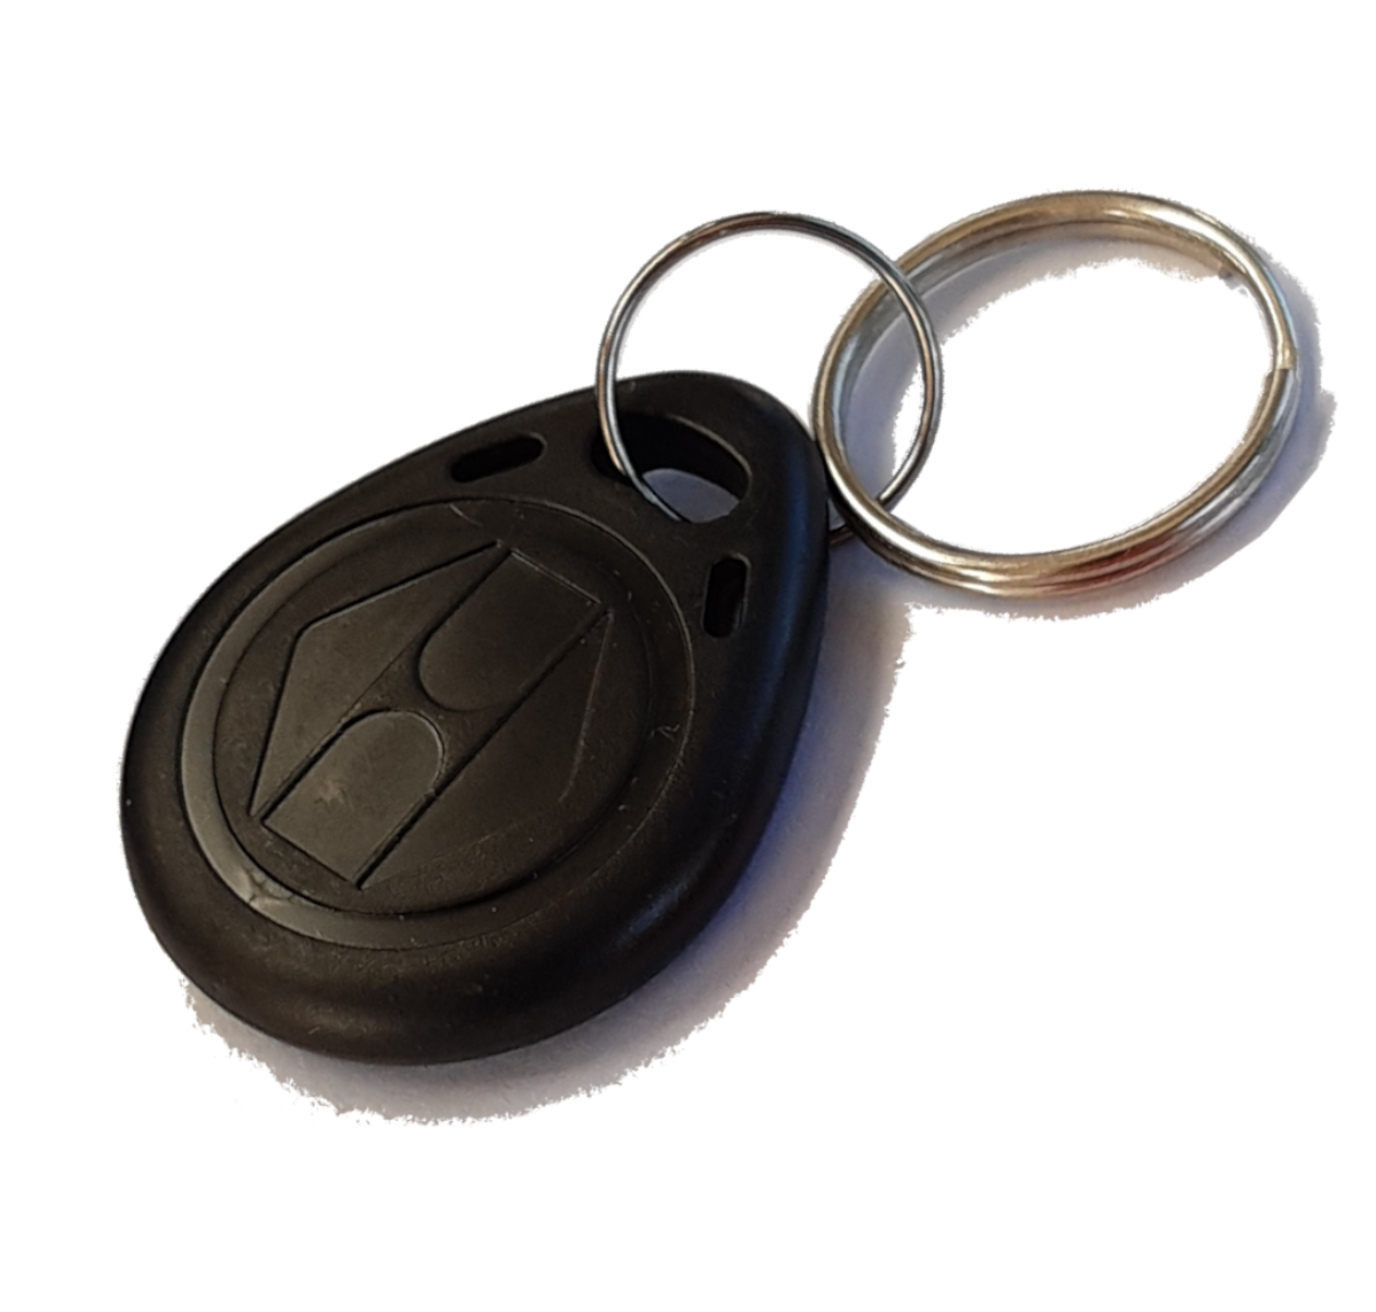 Chaveiro Tag RFID 125kHz (10pçs)